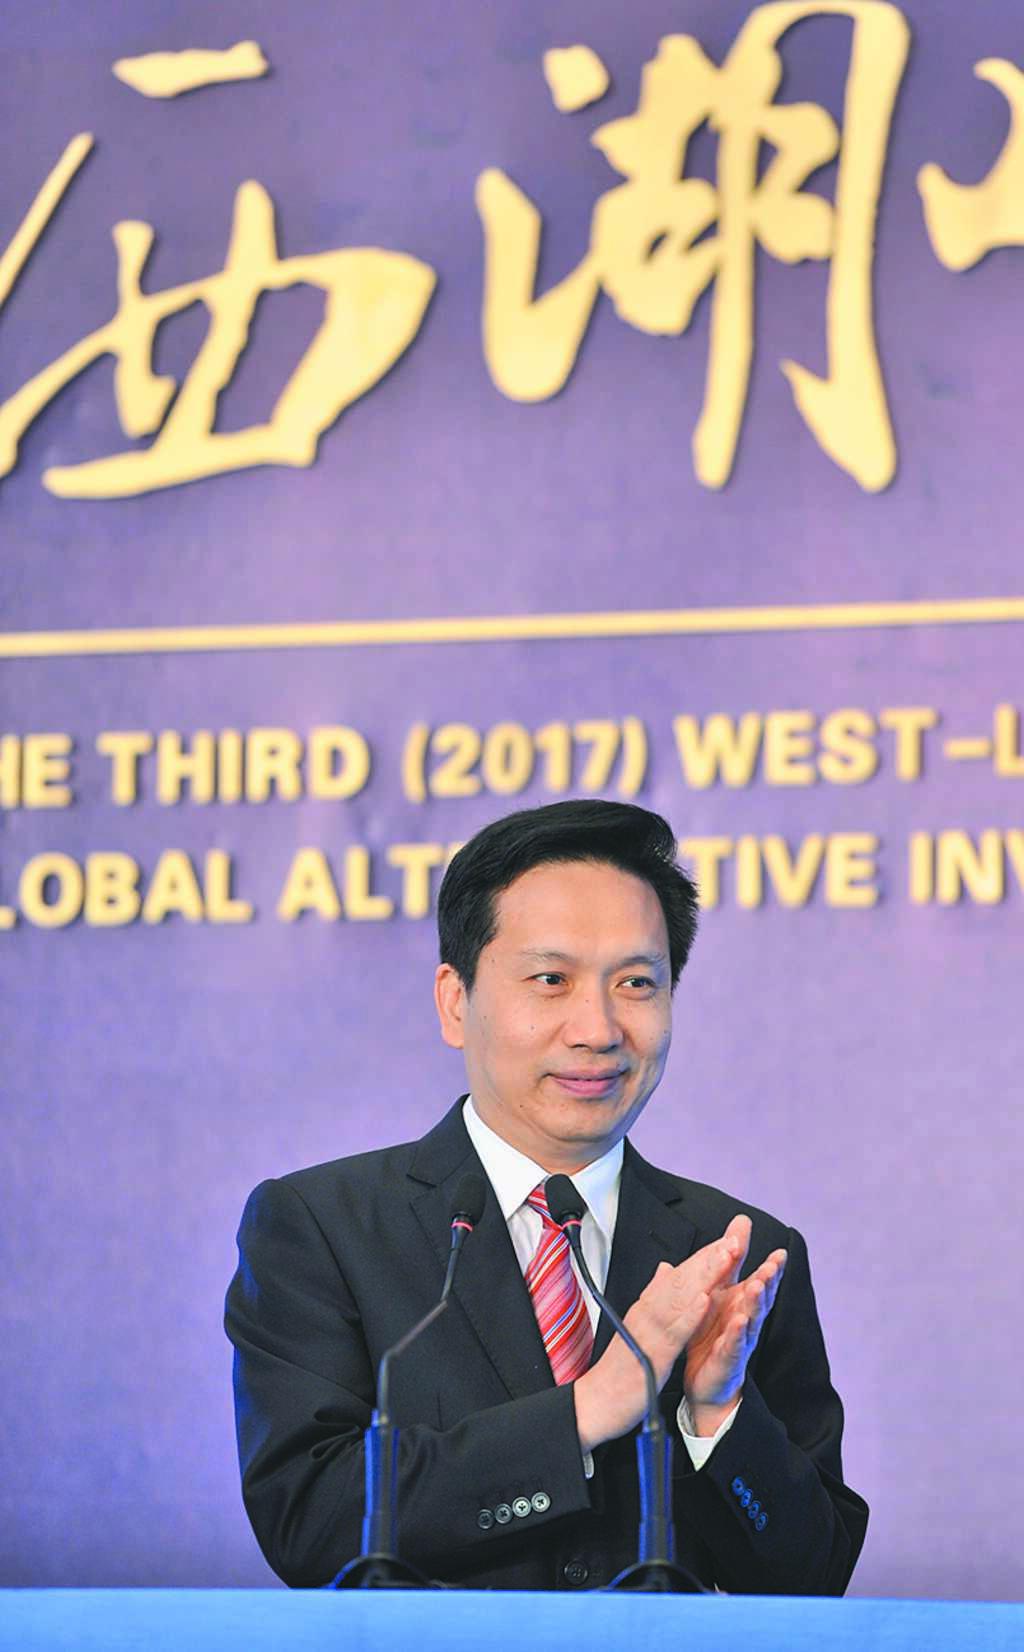 趙一德是大陸目前最年輕的省長,而他身上的「東南軍」色彩十分明顯。(中新社資料照片)